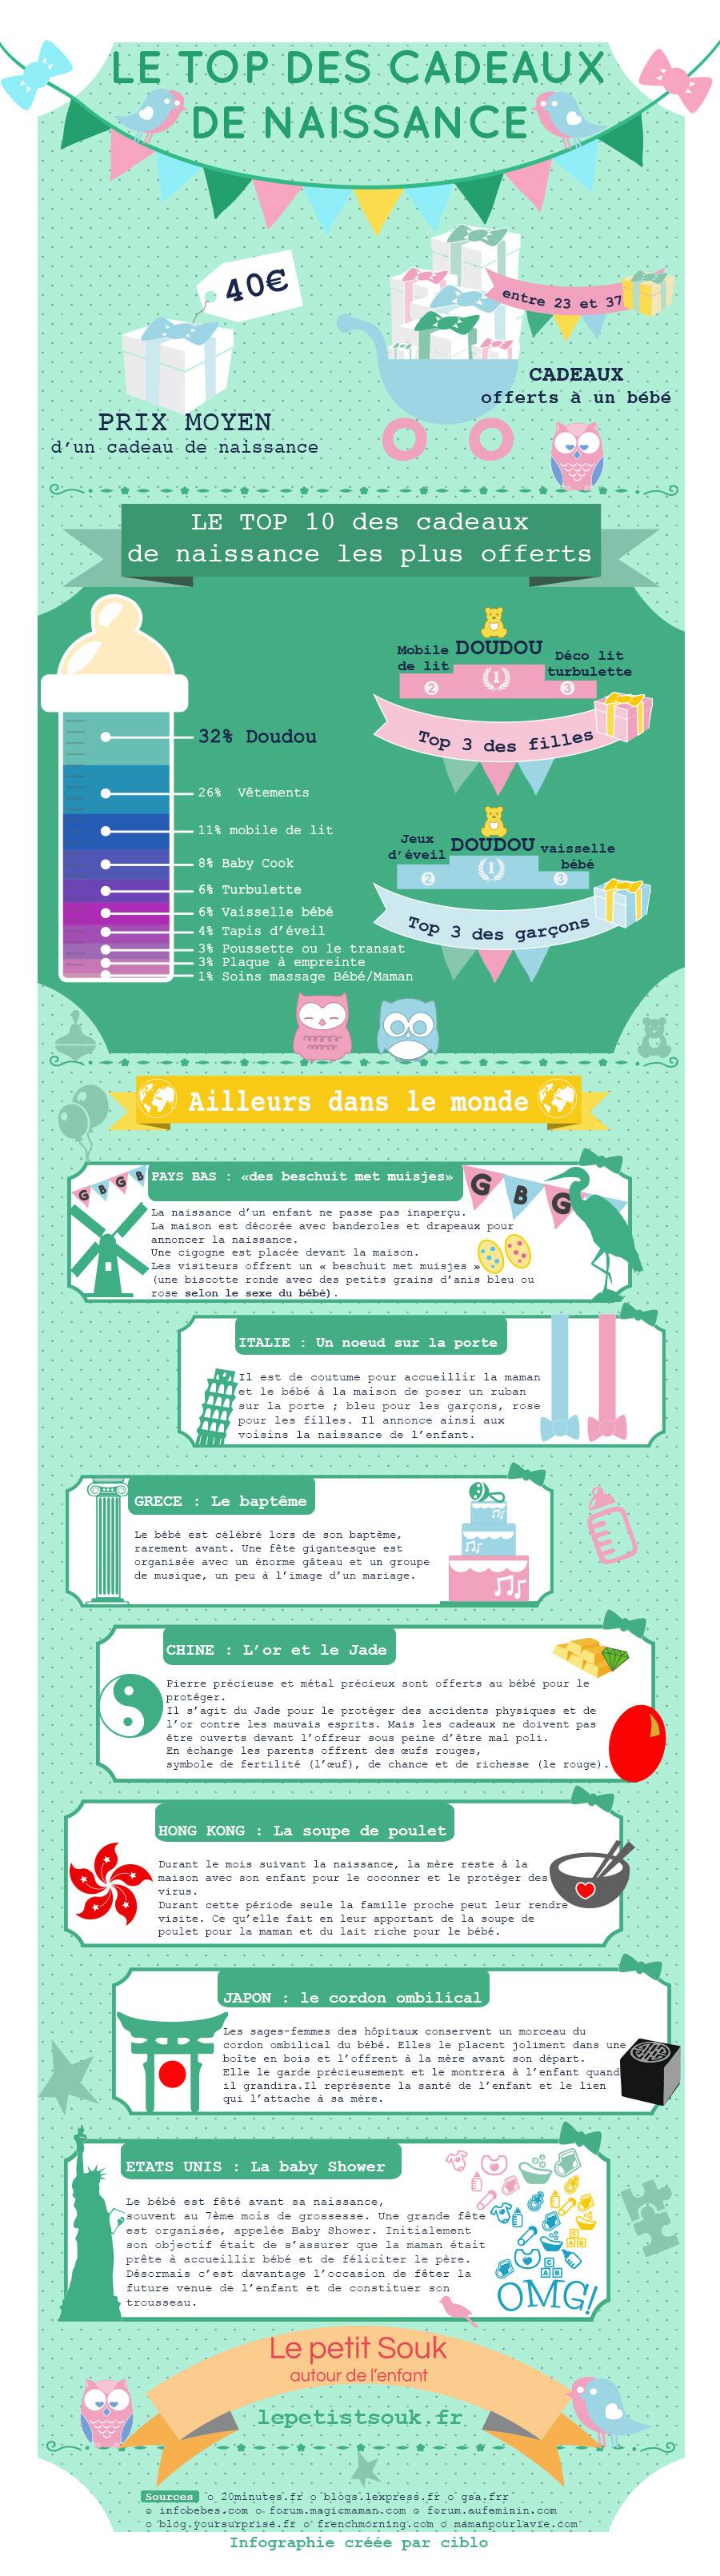 infographie top cadeaux naissance